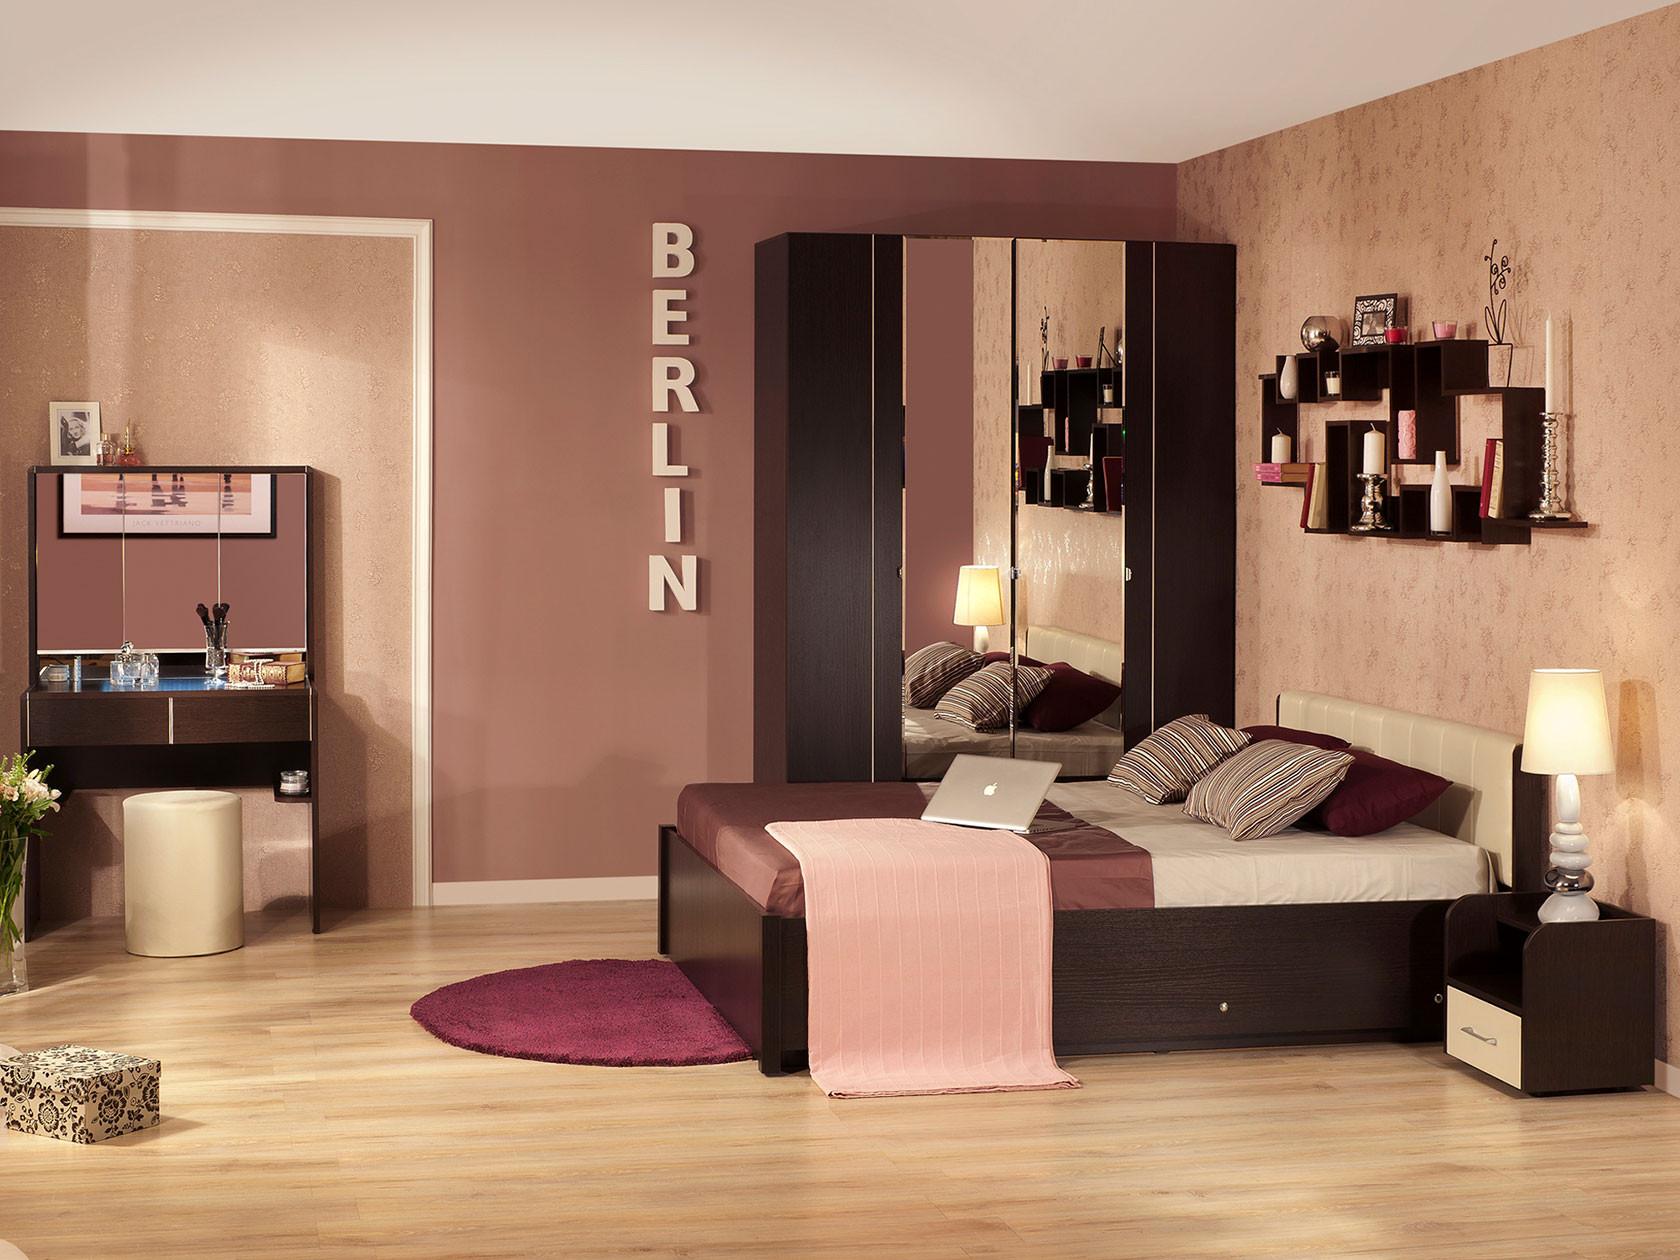 Комплект мебели для спальни ТД Арника Берлин К1 спальный гарнитур нк мебель комплект мебели для спальни прага к1